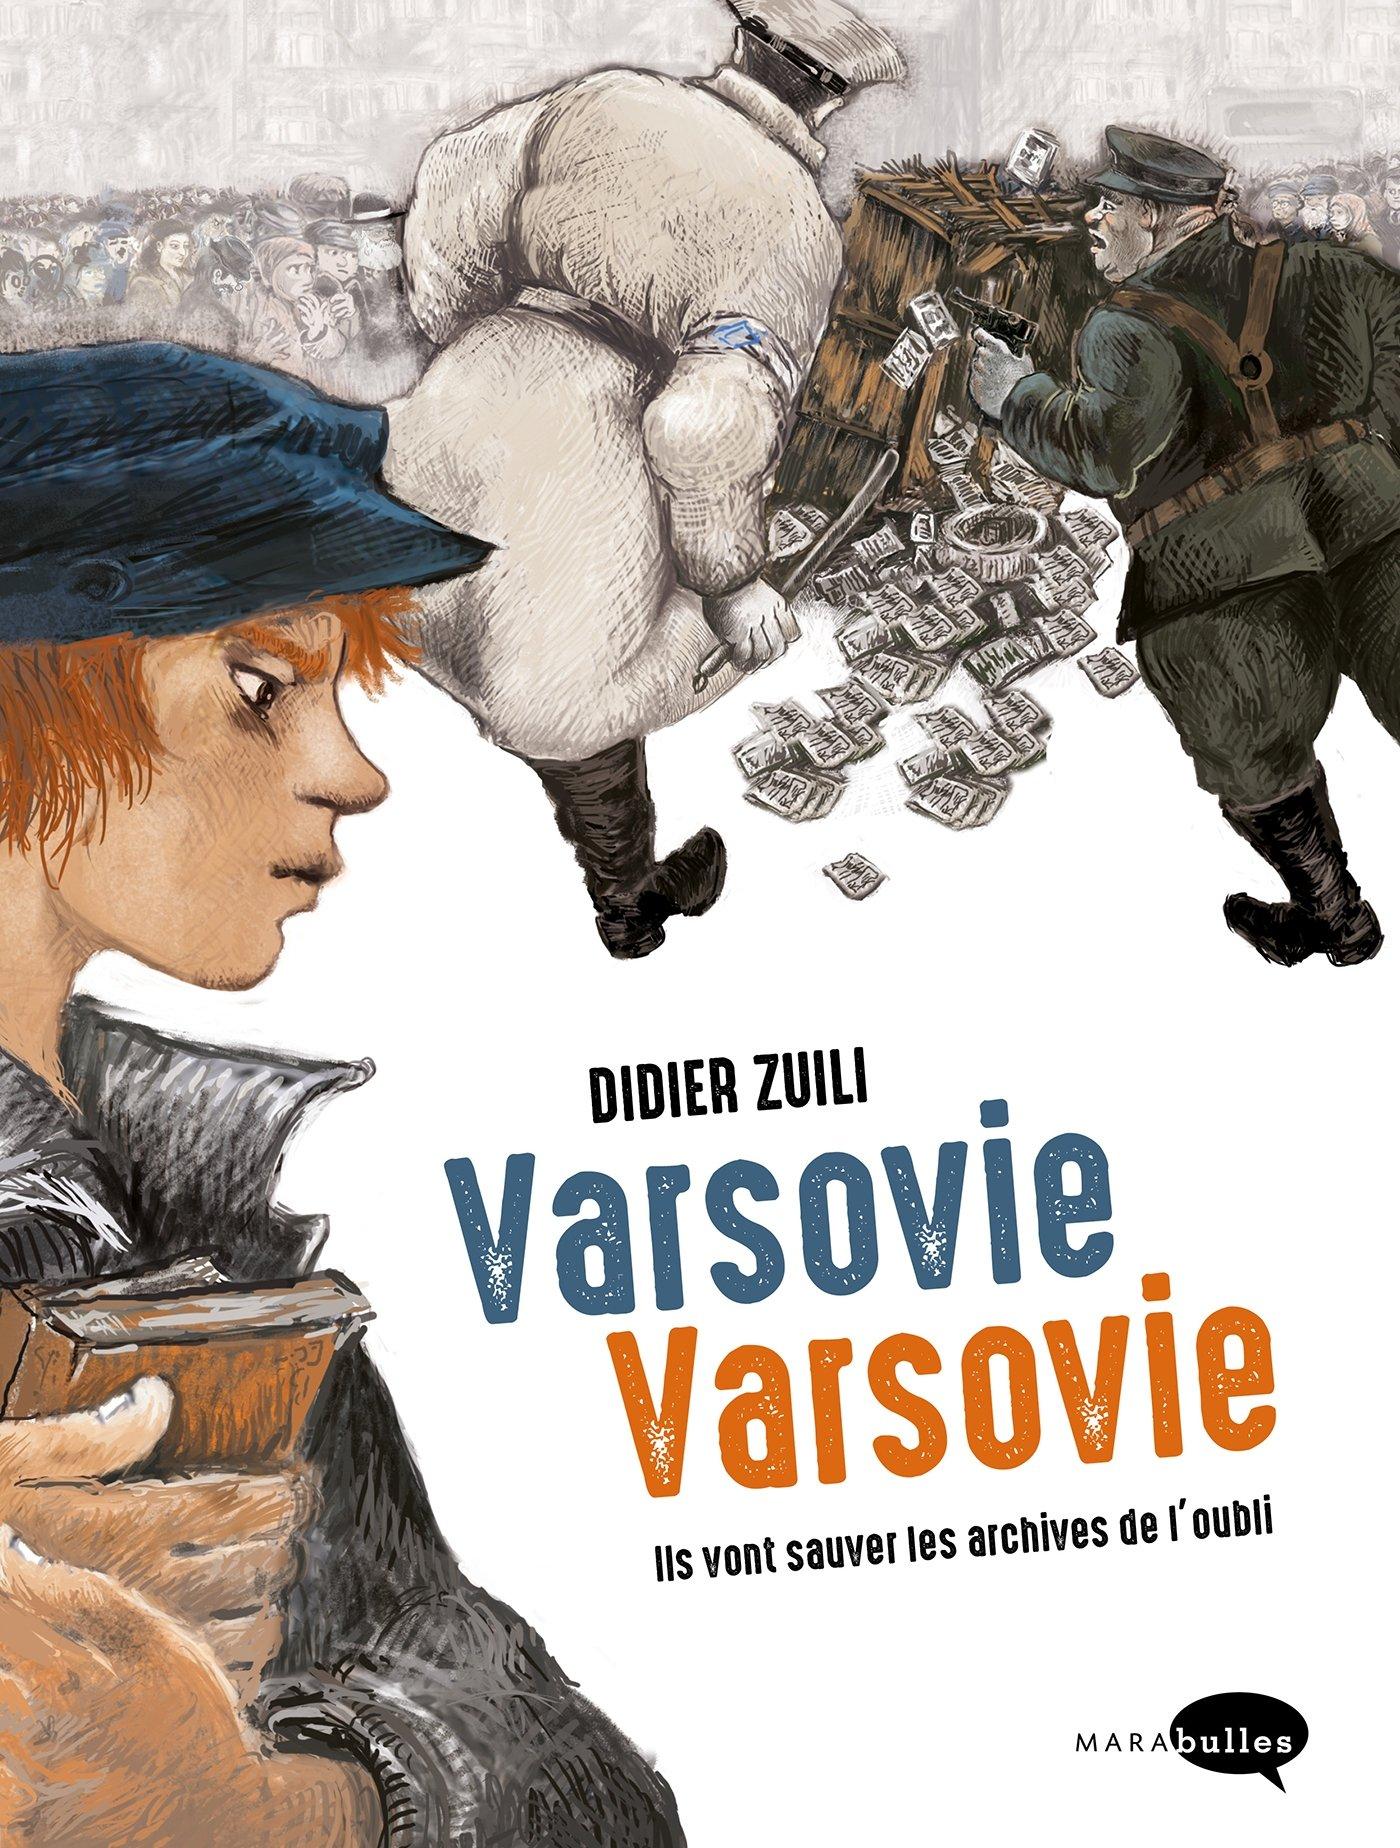 varsovie-varsovie-didier-zuili